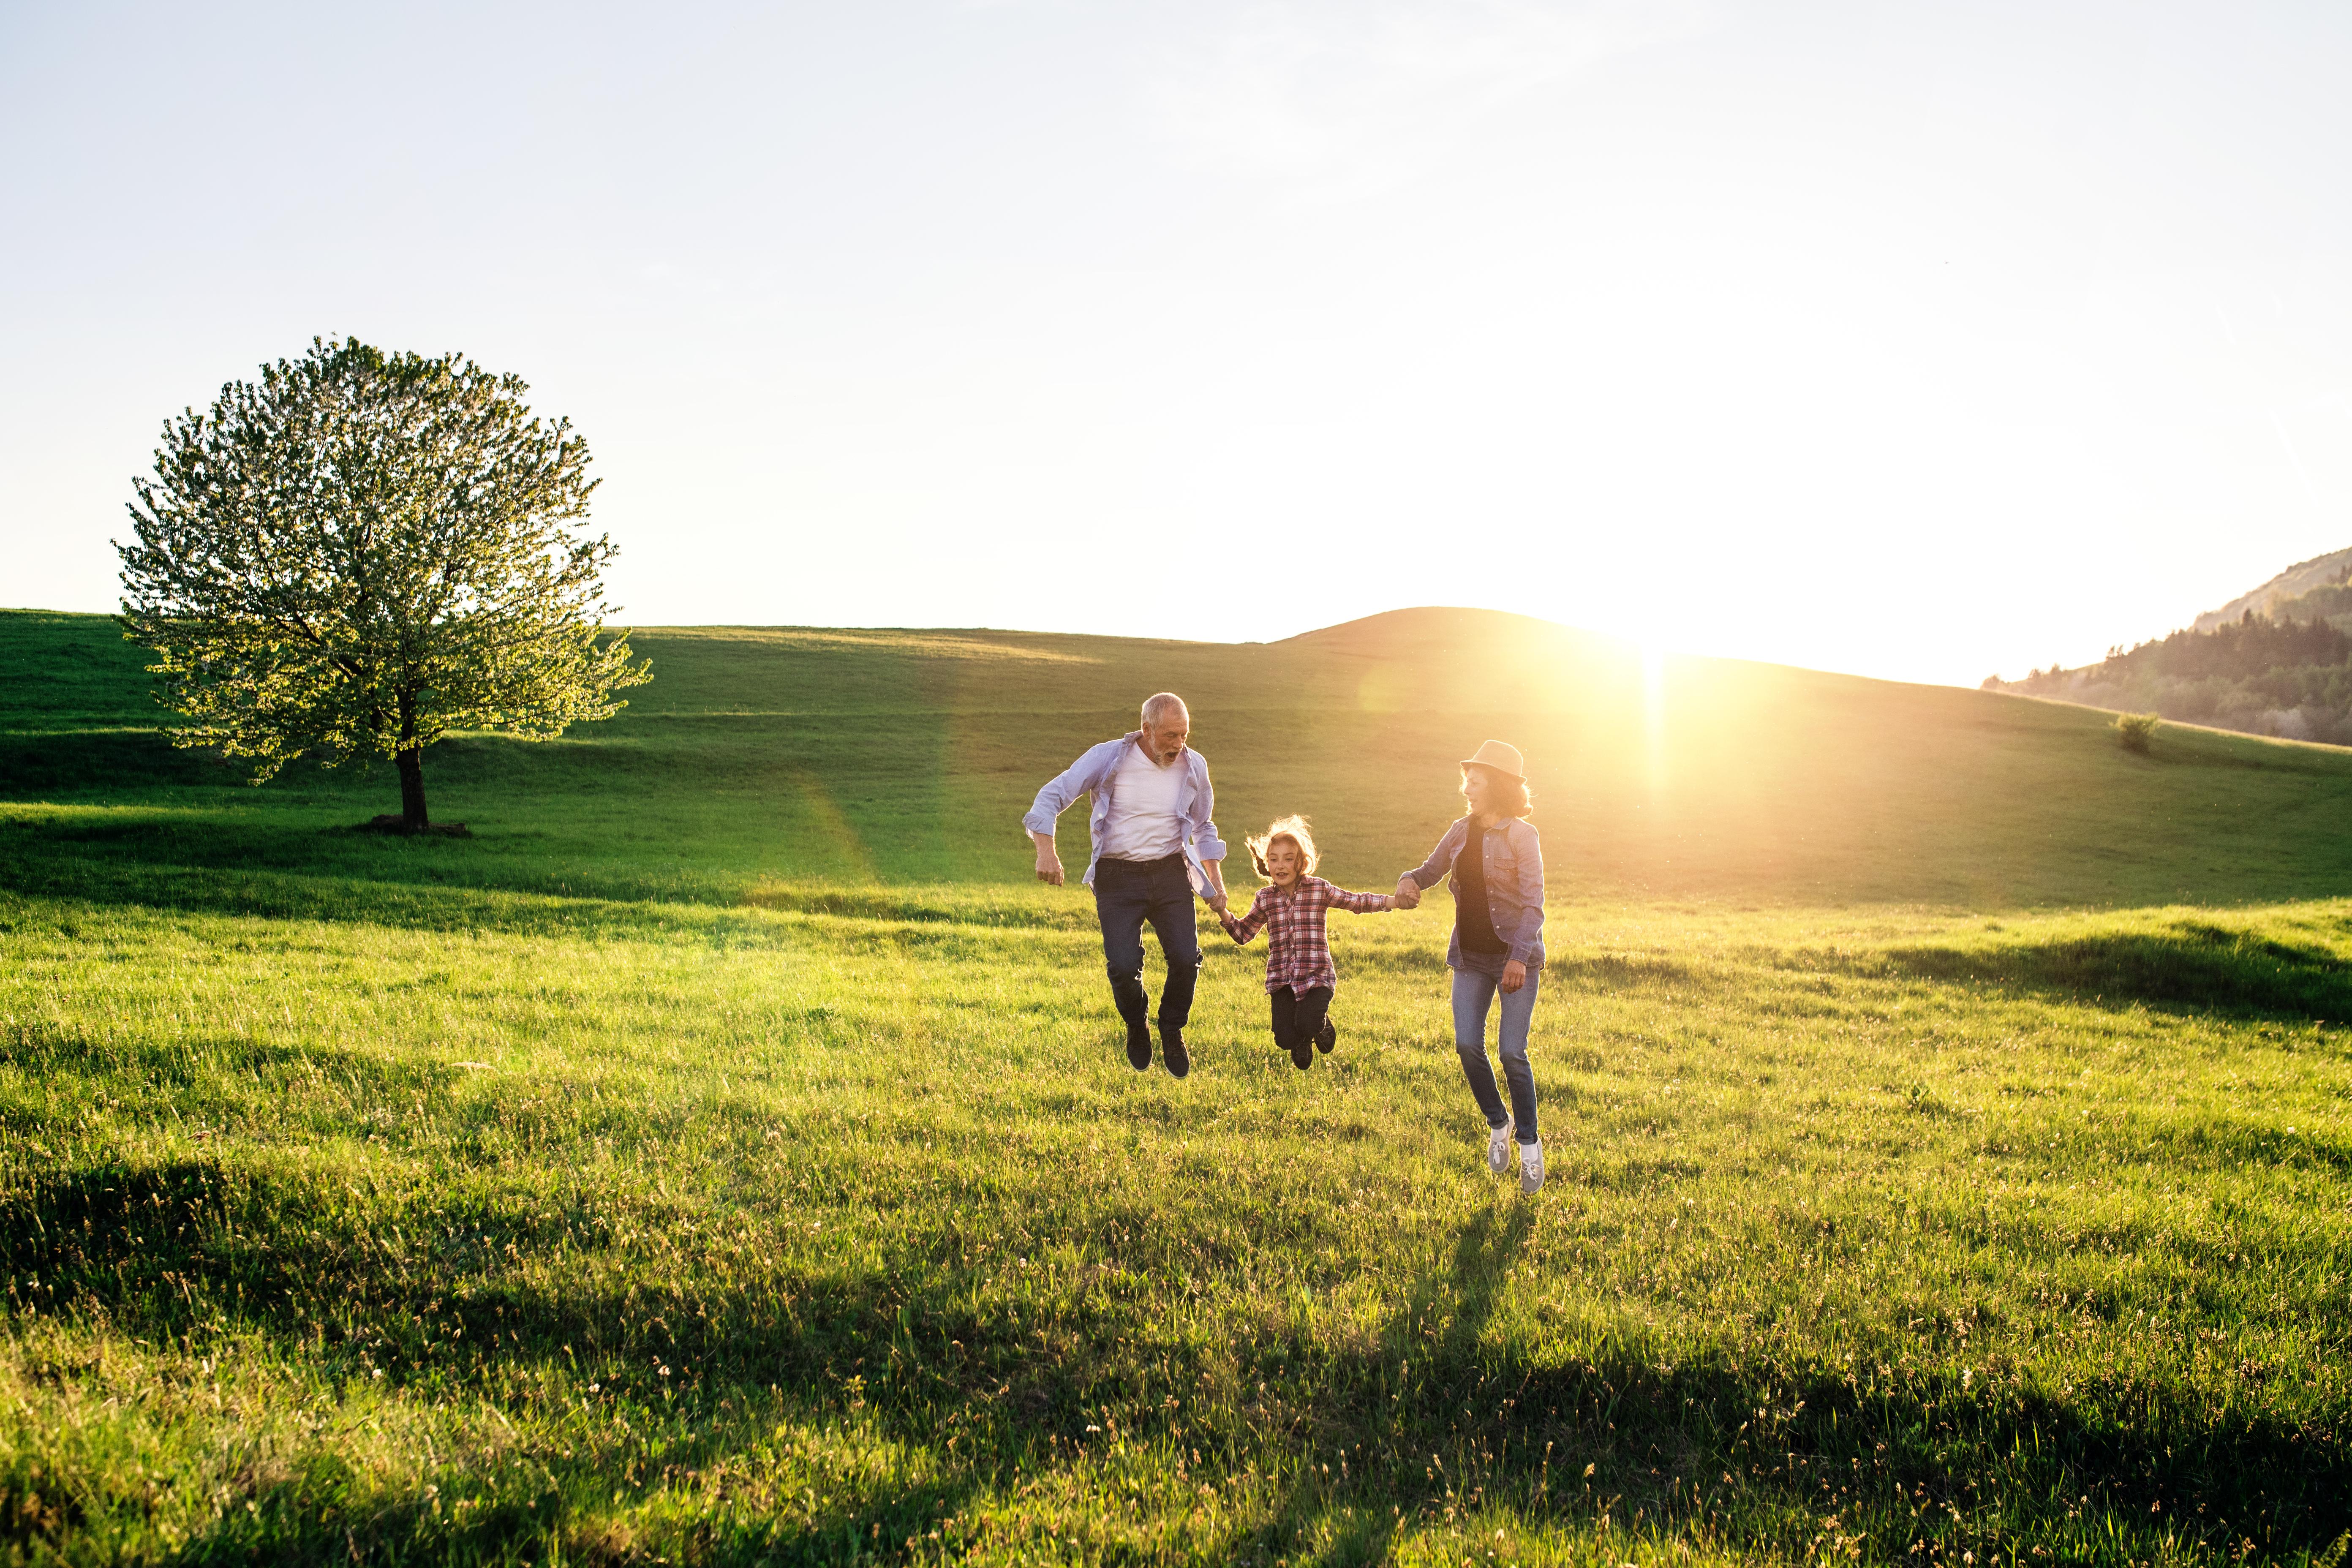 Senioren Paar mit Enkelkind auf einer grünen Wiese